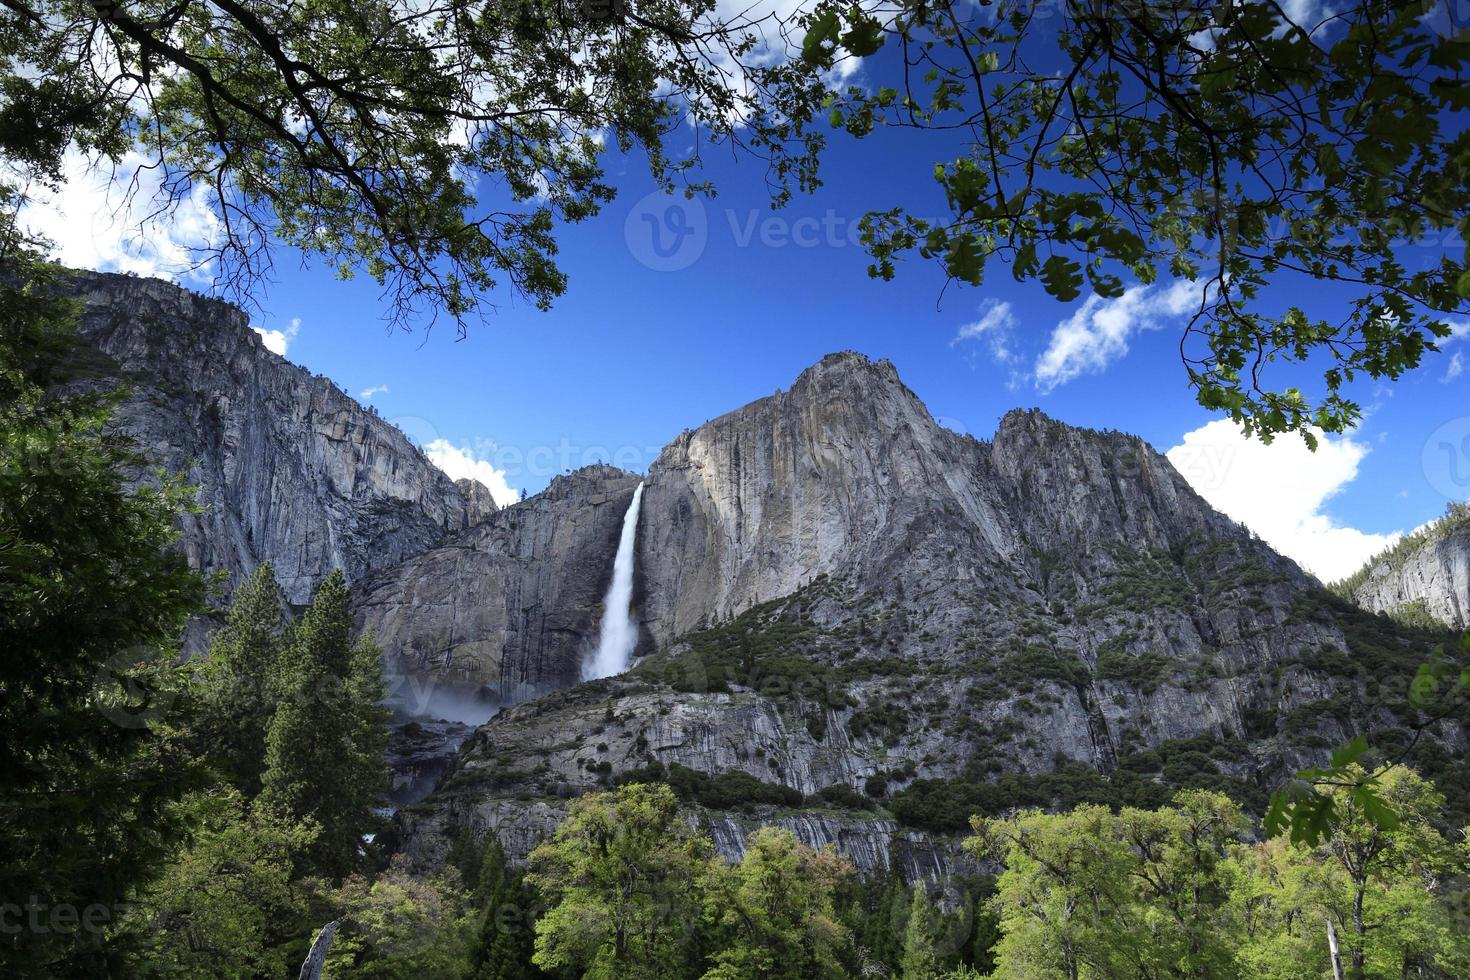 Wasserfall im Yosemite National Park, USA circa Mai 2010 foto